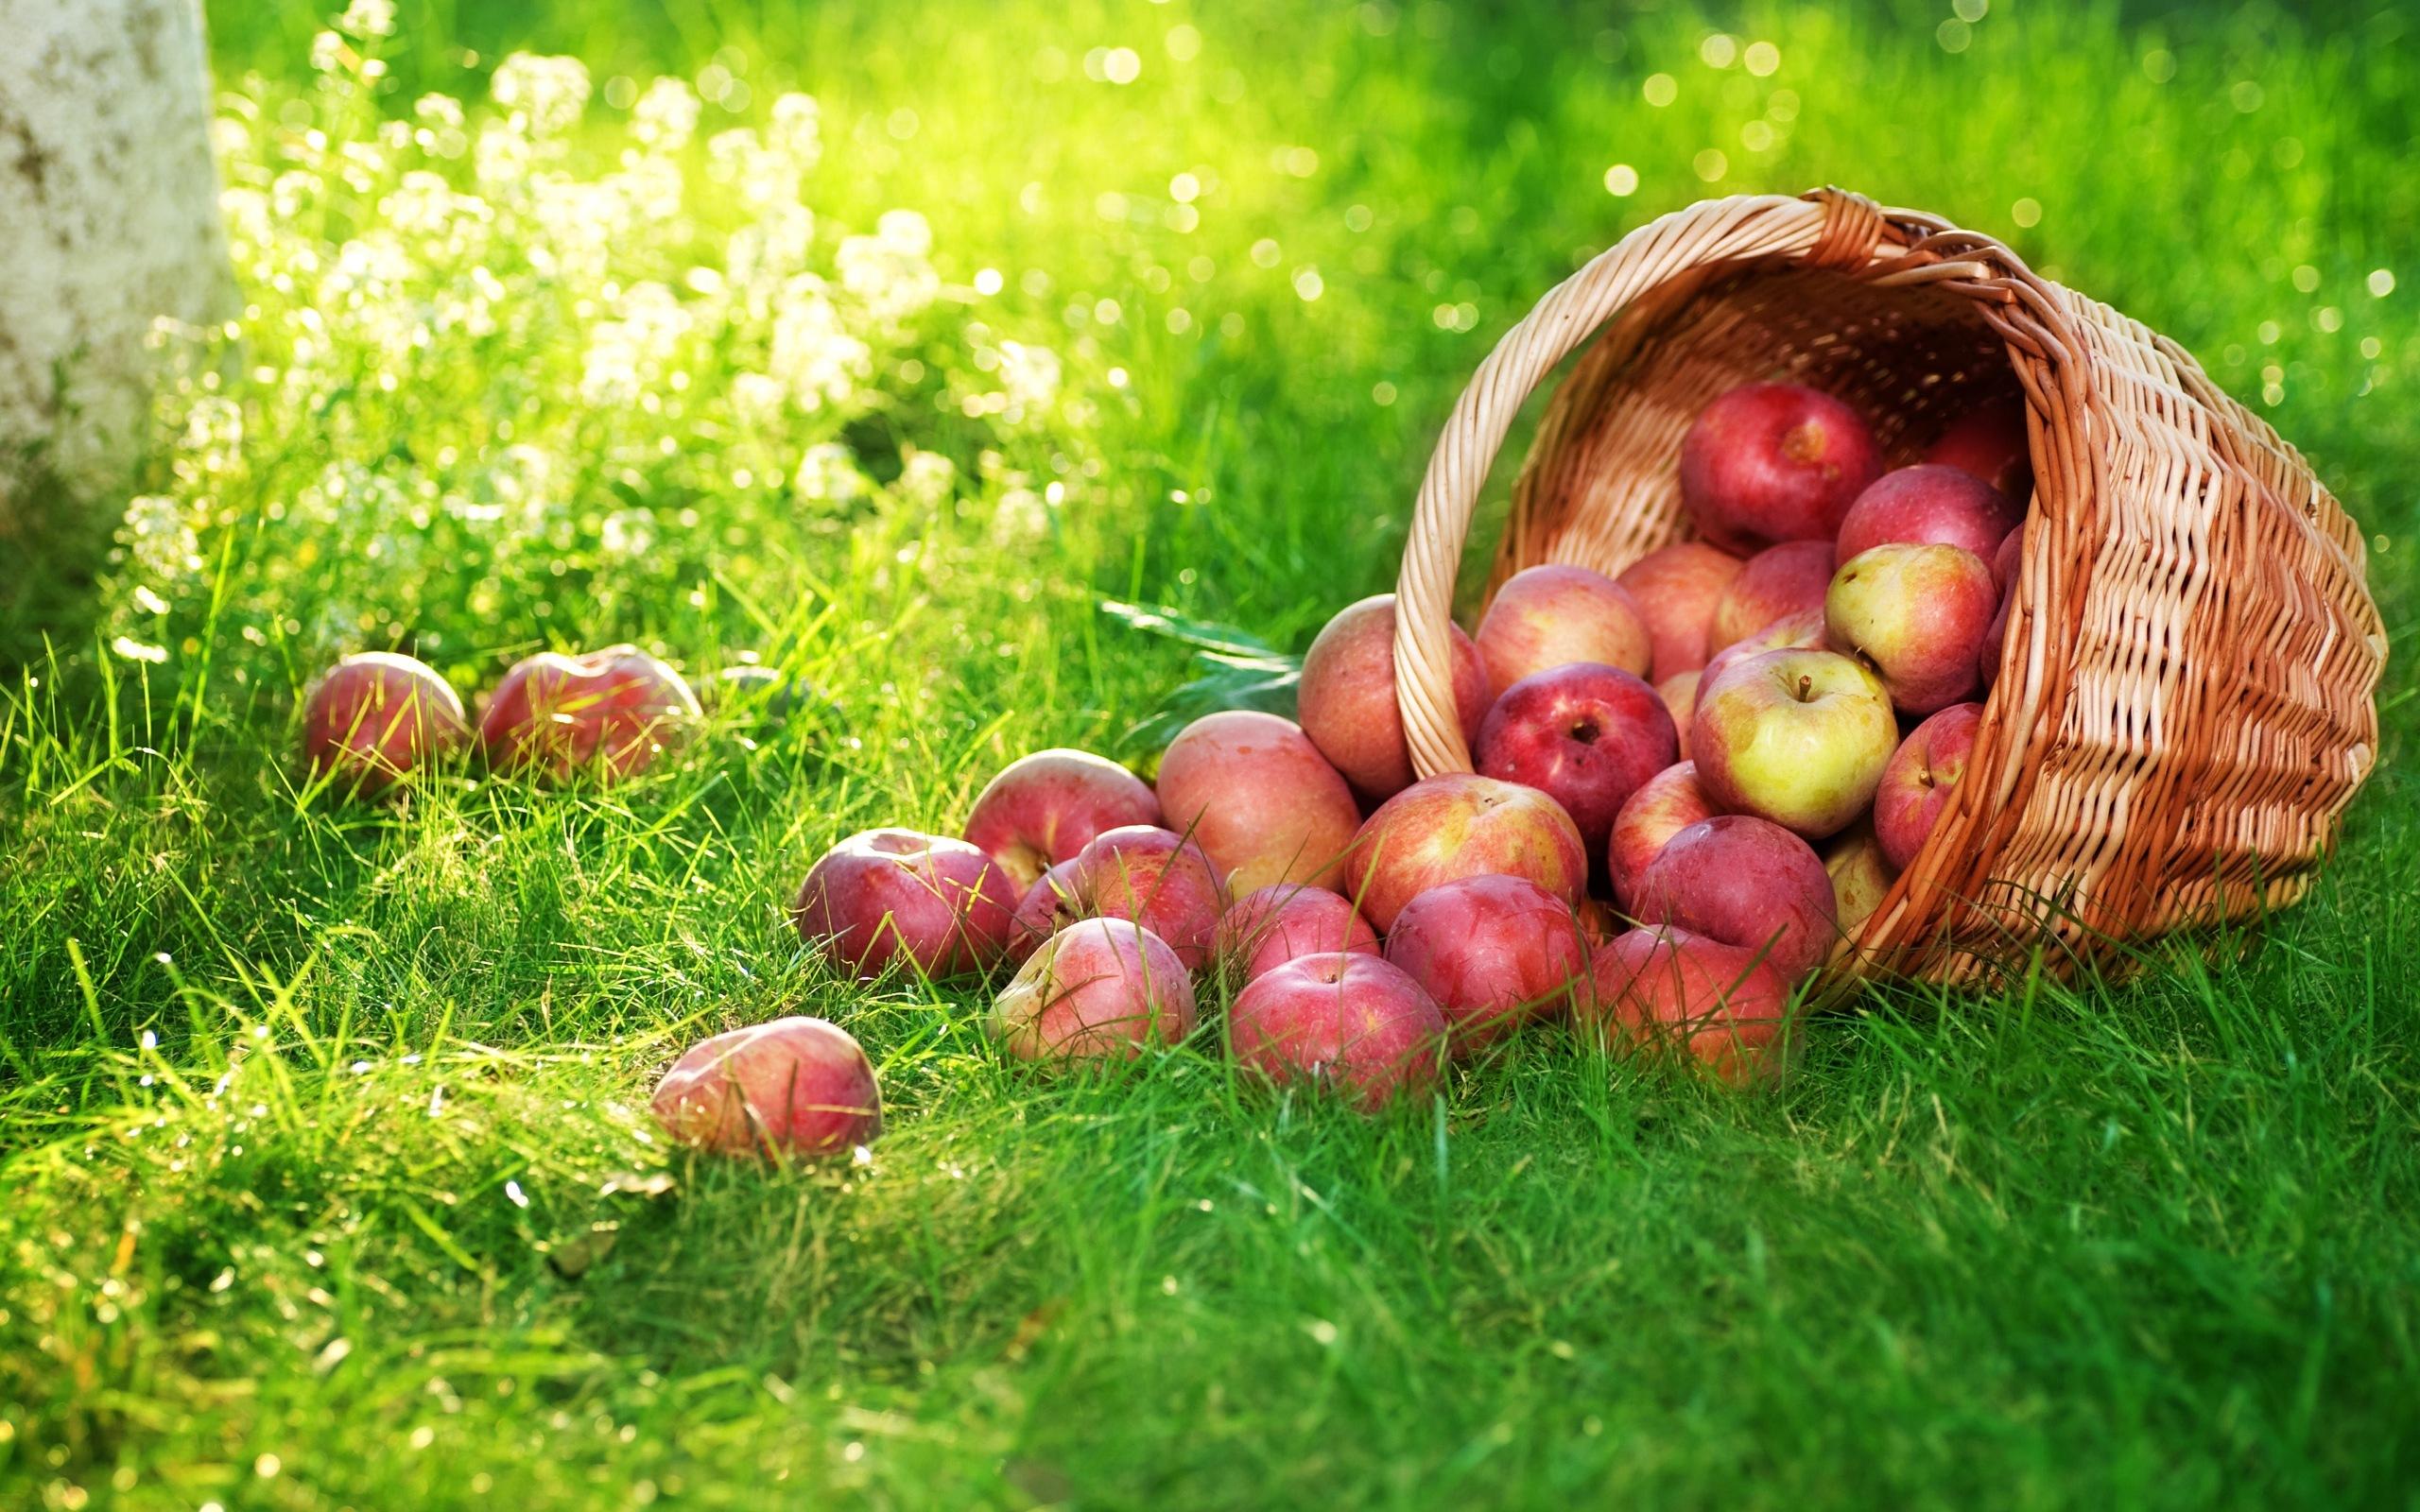 Корзина с яблоками загрузить